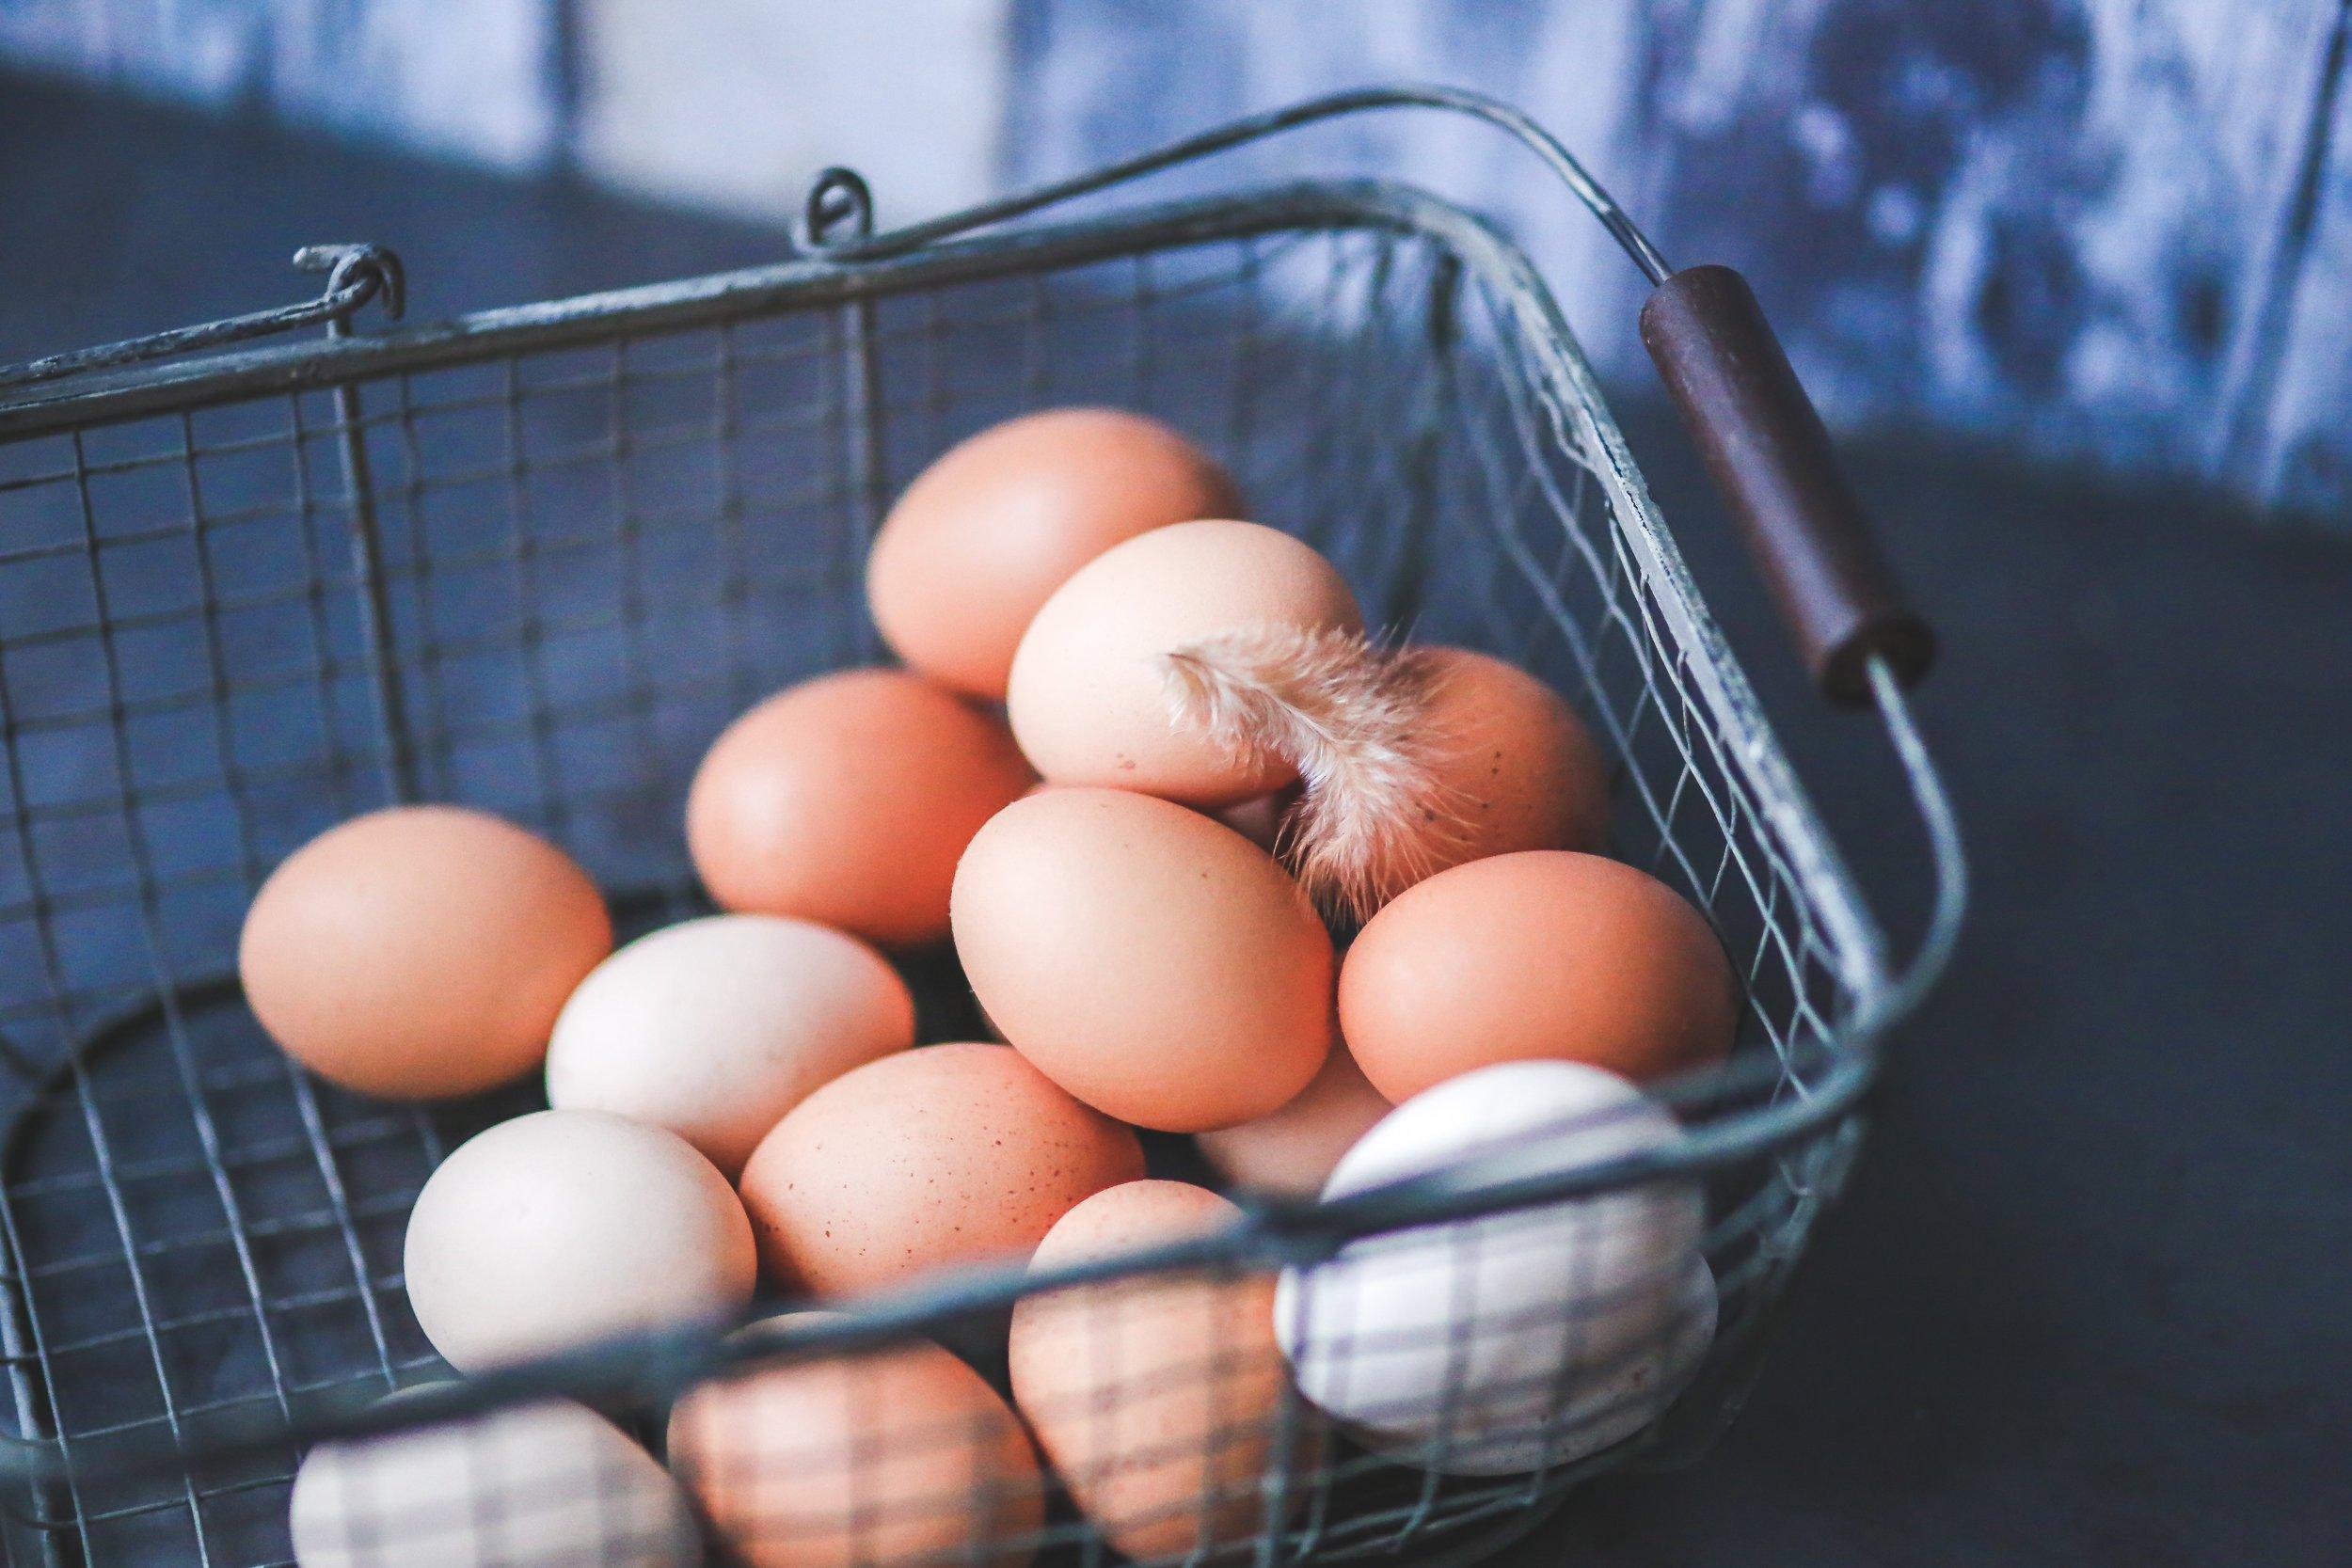 chicken eggs in basket.jpg